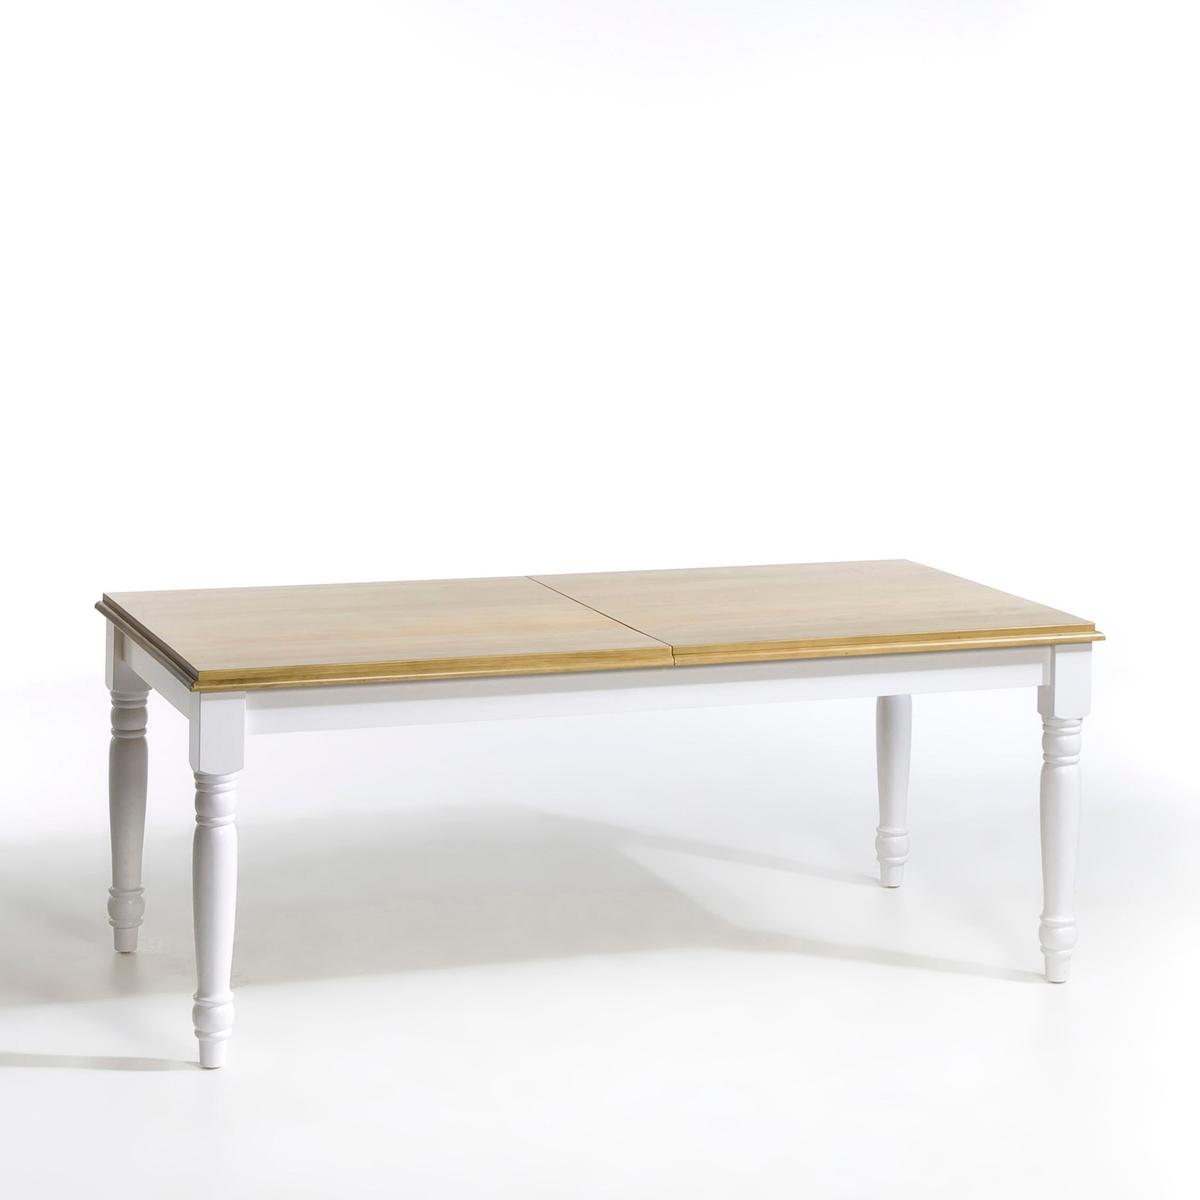 Стол прямоугольный с удлинениями, Germaine germaine de capuccini germaine de capuccini эмульсия антивозрастная spf 30 golden caresse advanced anti ageing sun emulsion 81183 50 мл